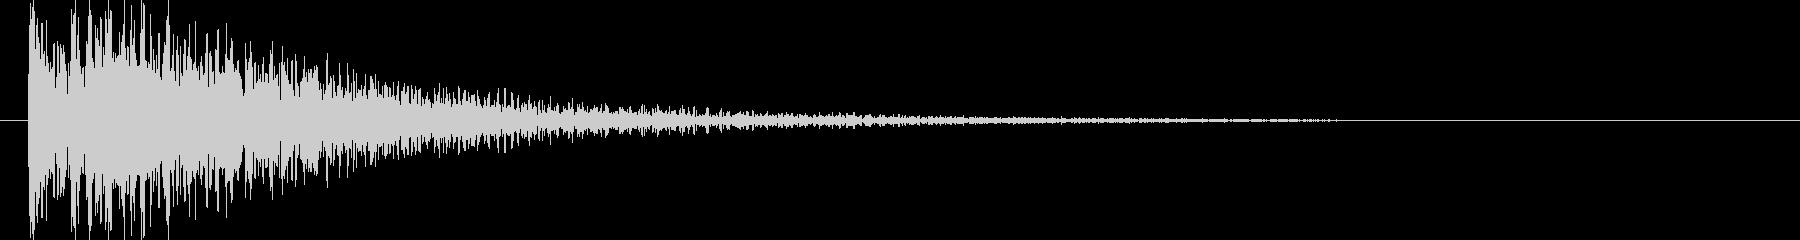 映画告知音118 ドーンの未再生の波形